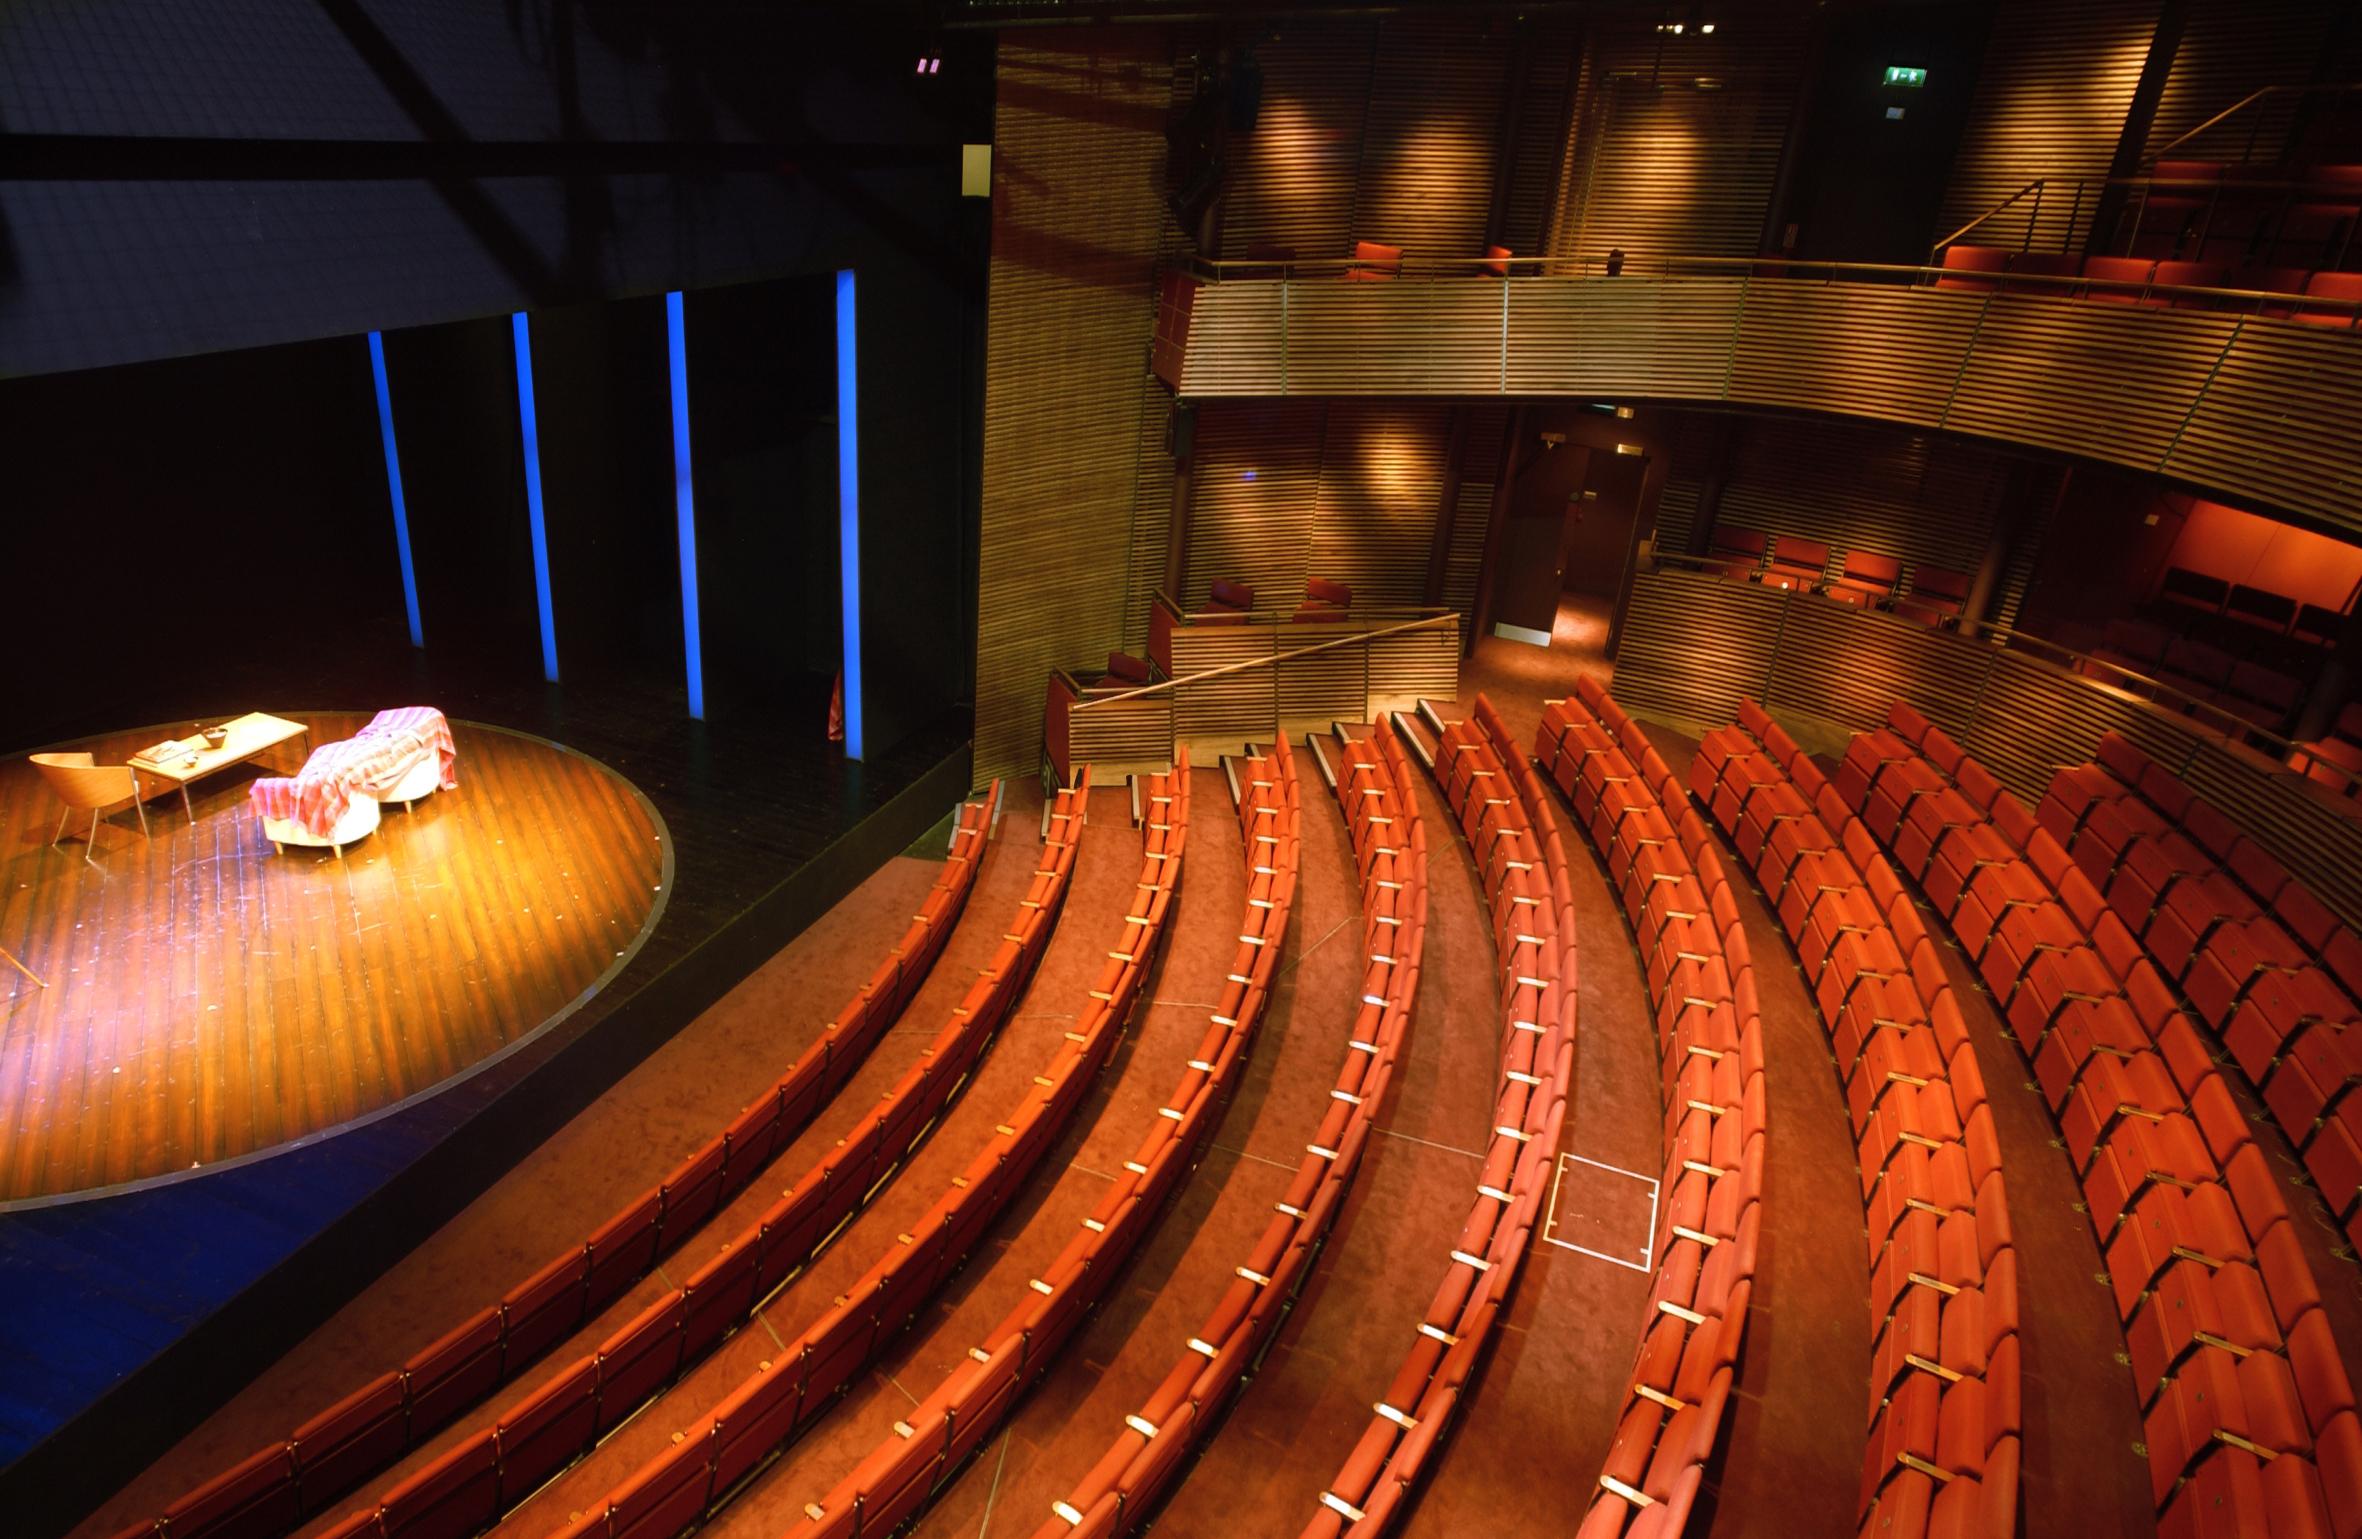 The Hampstead Theatre auditorium